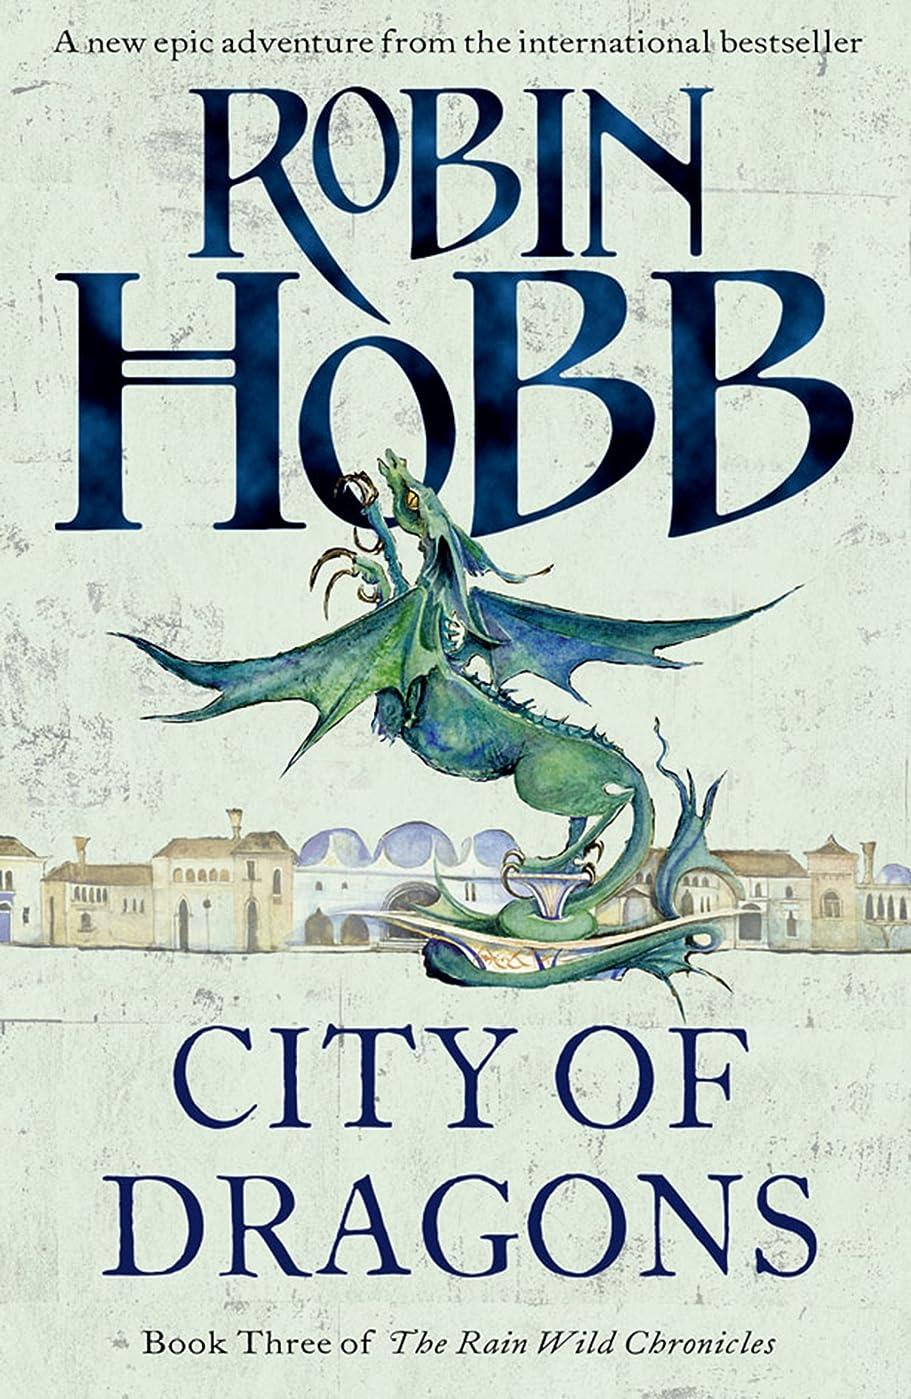 合わせて疲れた凝縮するCity of Dragons (The Rain Wild Chronicles, Book 3) (English Edition)